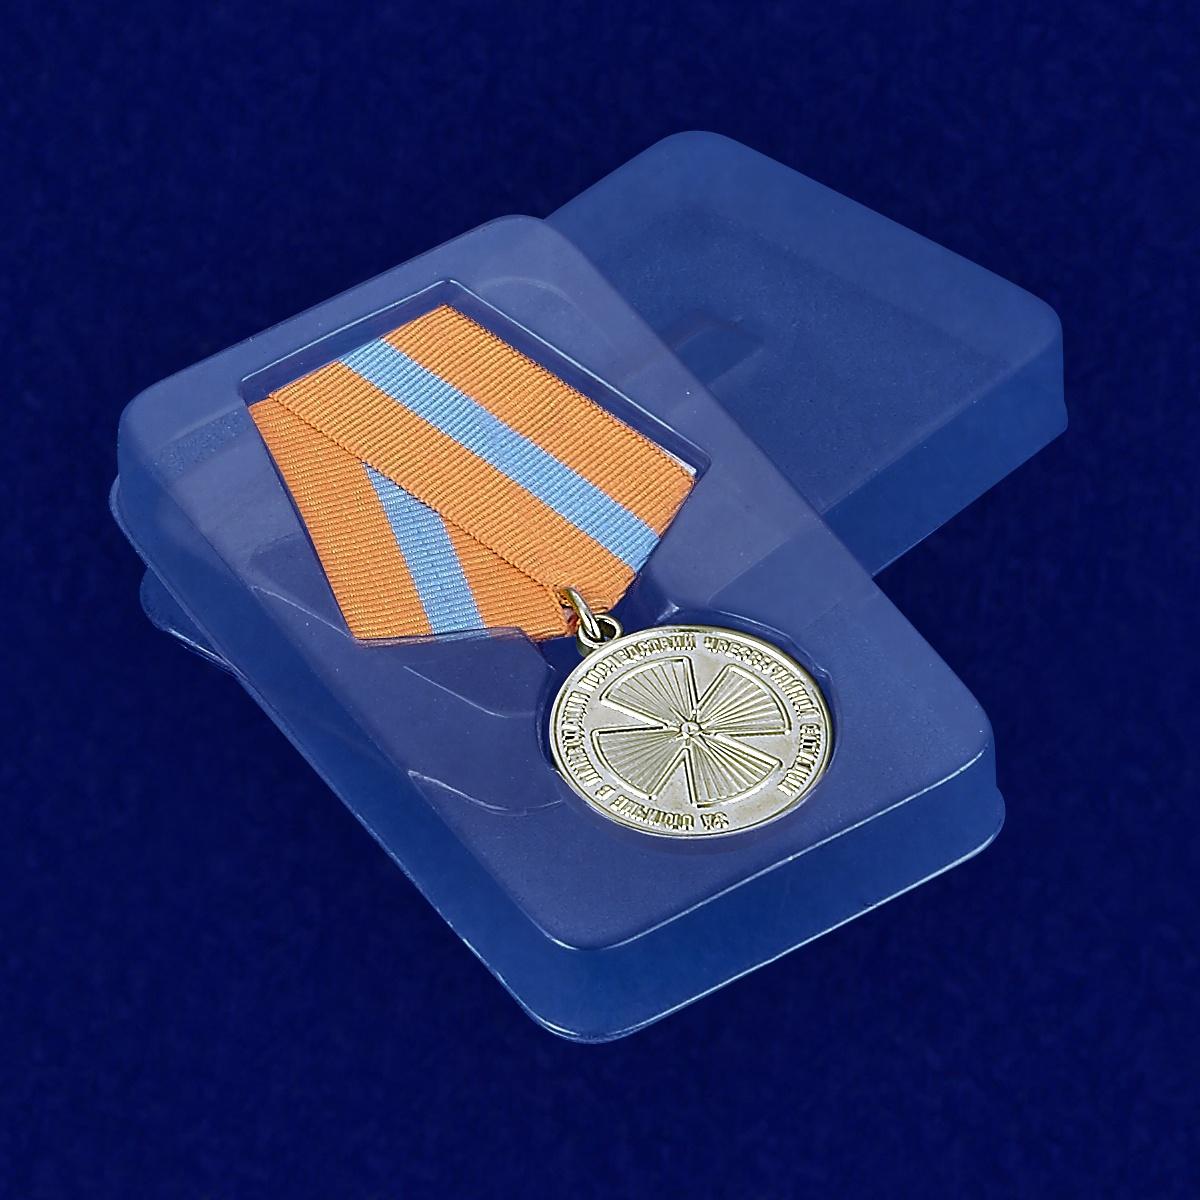 Ведомственная медаль За отличие в ликвидации последствий ЧС - в пластиковом футляре